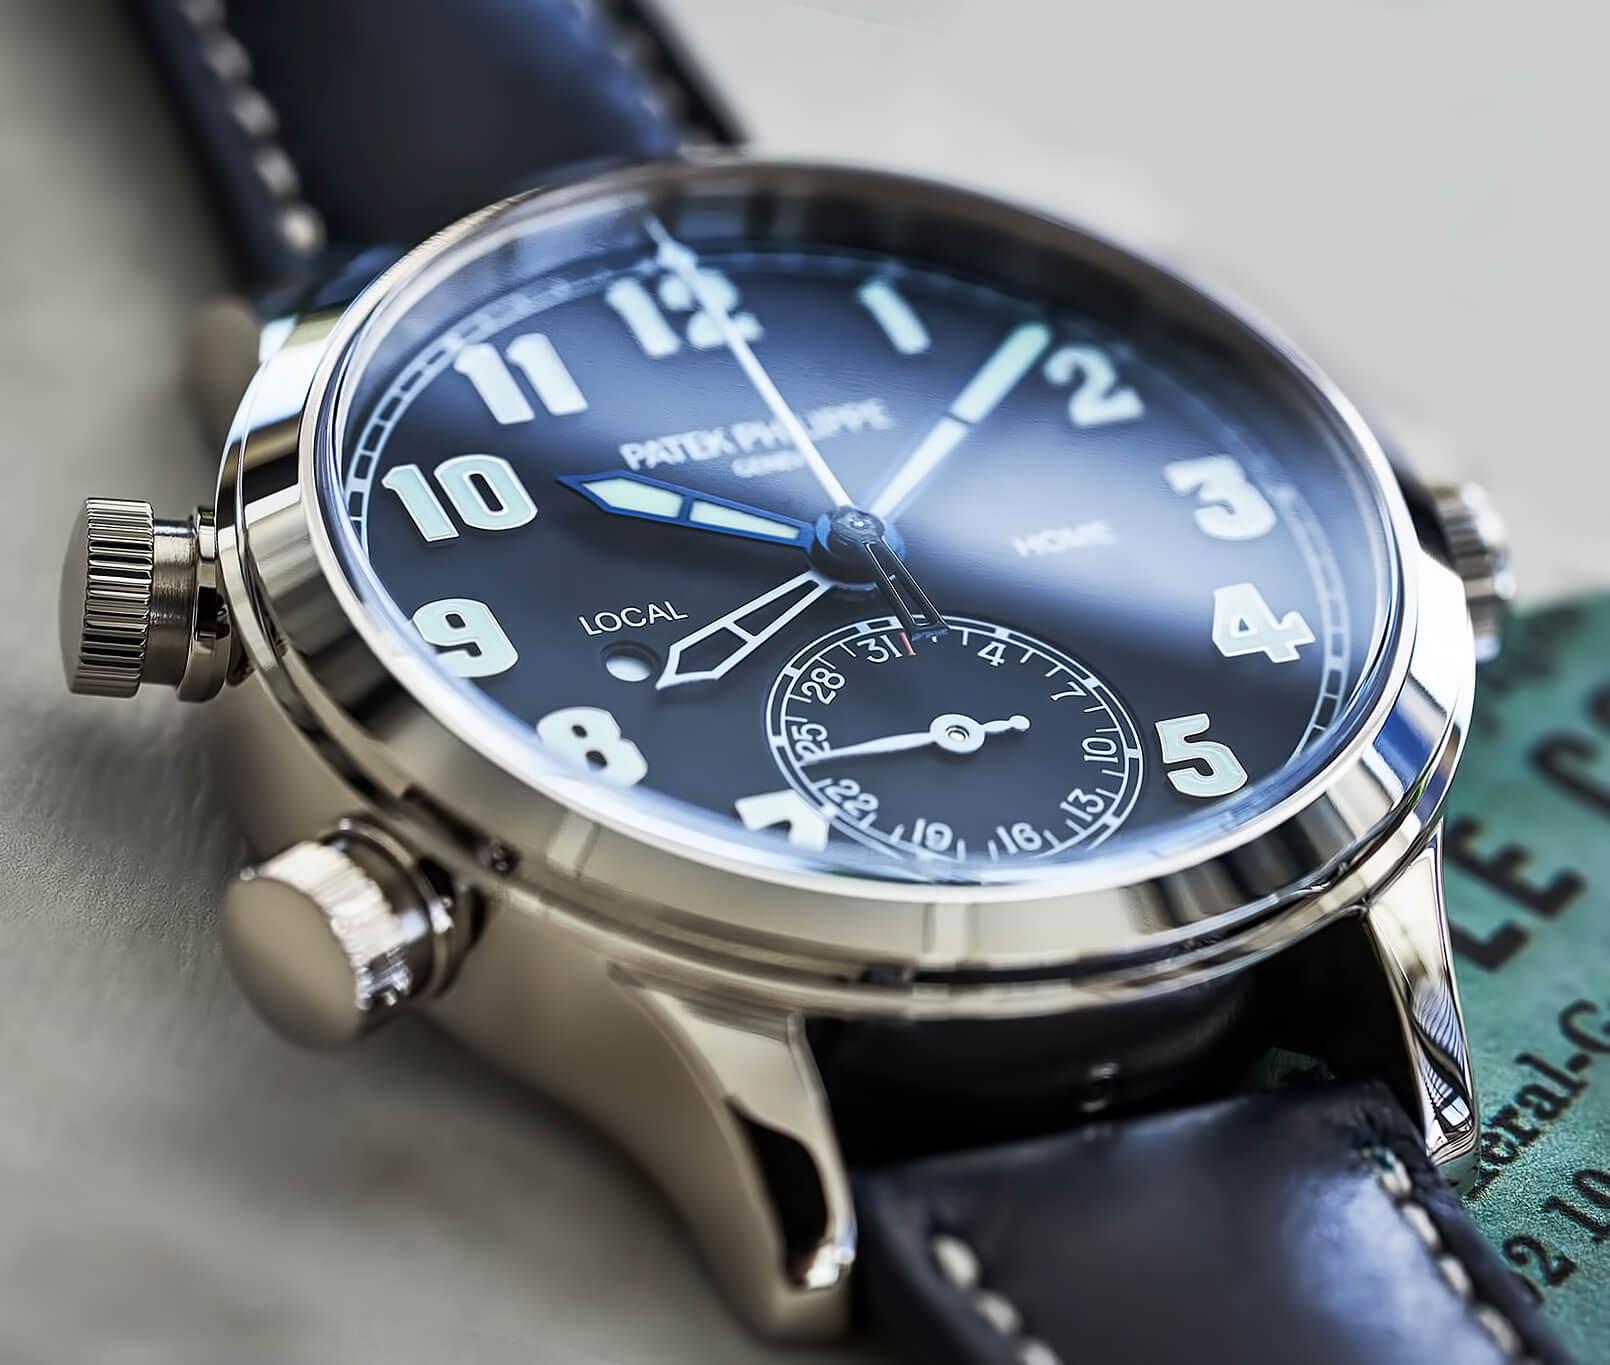 Мужские часы из стали Patek Philippe Calatrava Pilot Travel Time 7234G-001